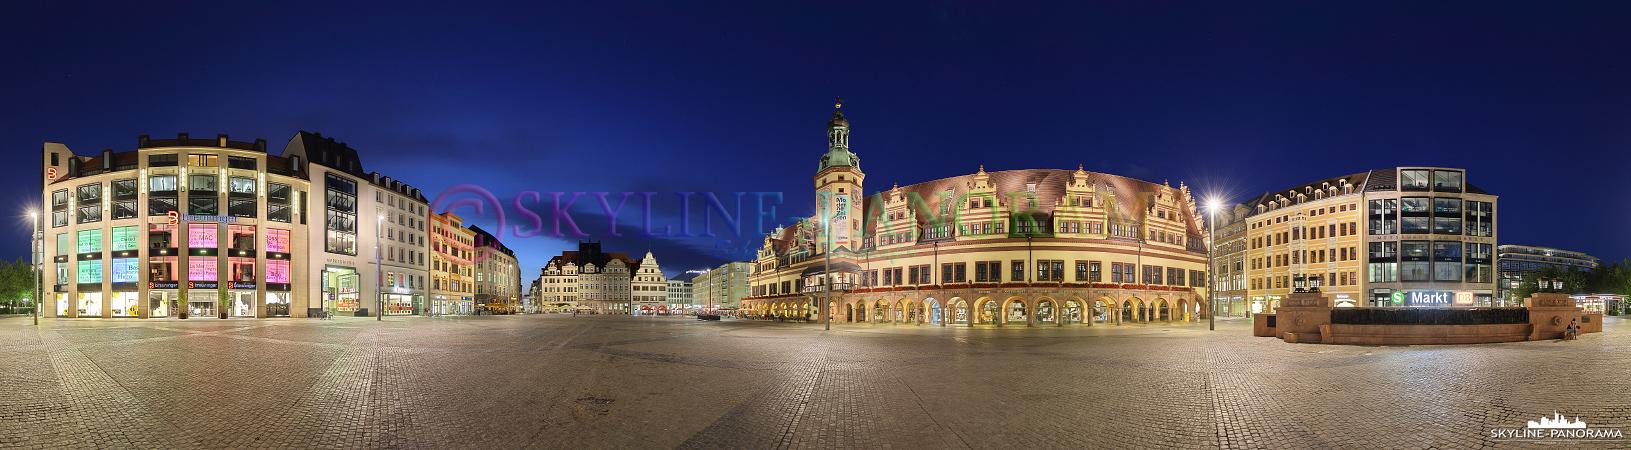 Auf dem Markt von Leipzig findet man einige der bedeutendsten Gebäude der sächsischen Metropole, zu erwähnen sind das Alte Rathaus mit der unsymmetrischen Frontansicht und die historische Alte Waage.